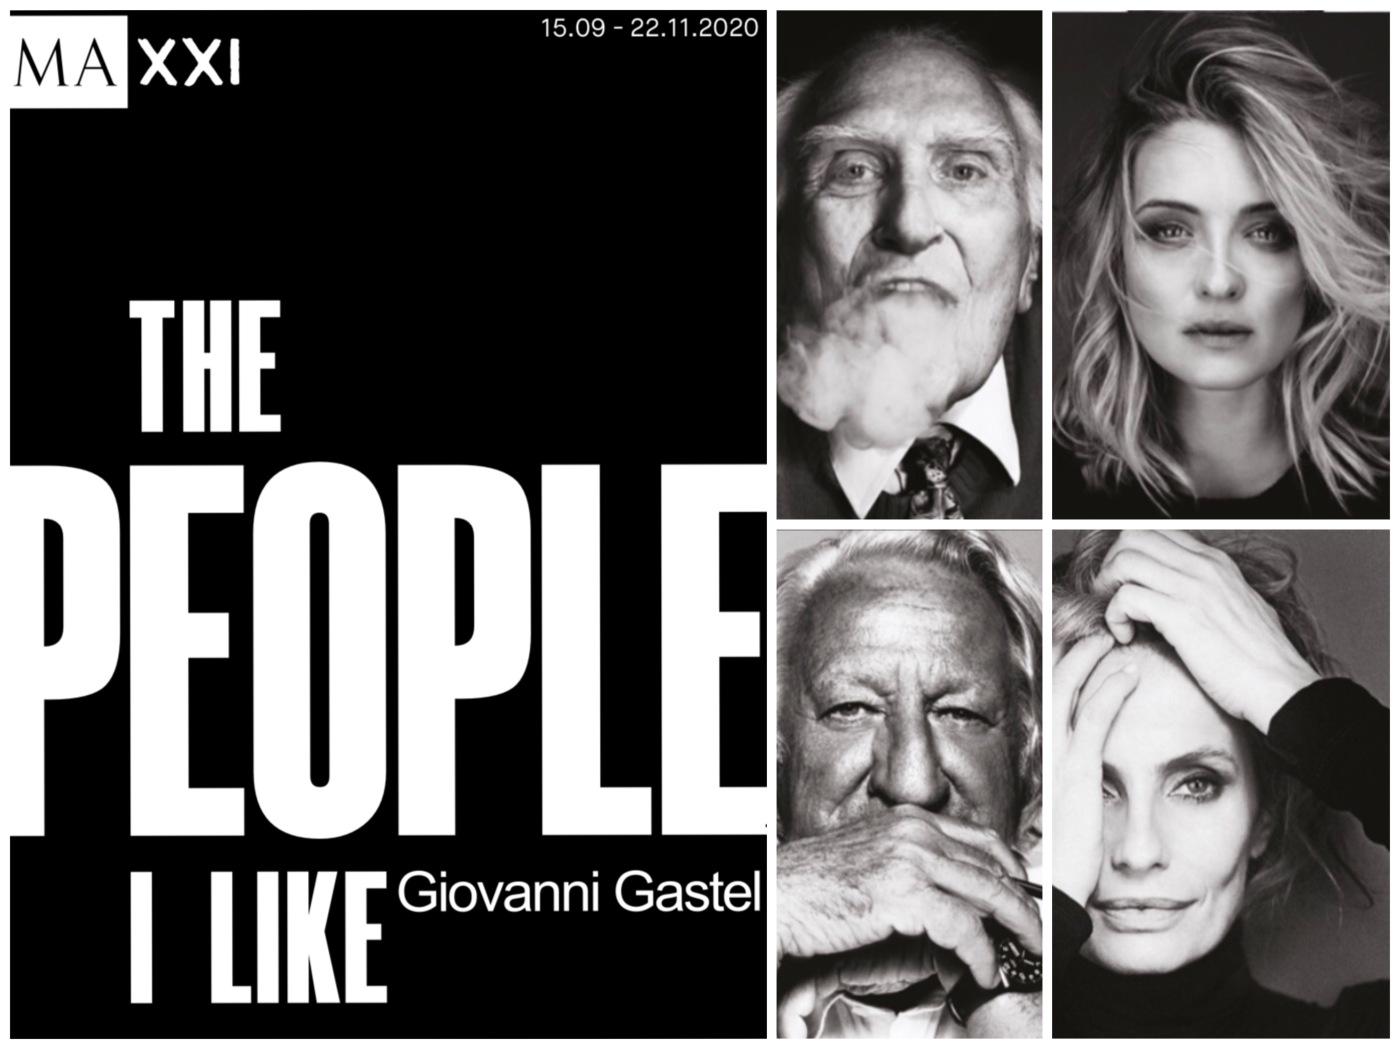 The people i like Giovanni Gastel